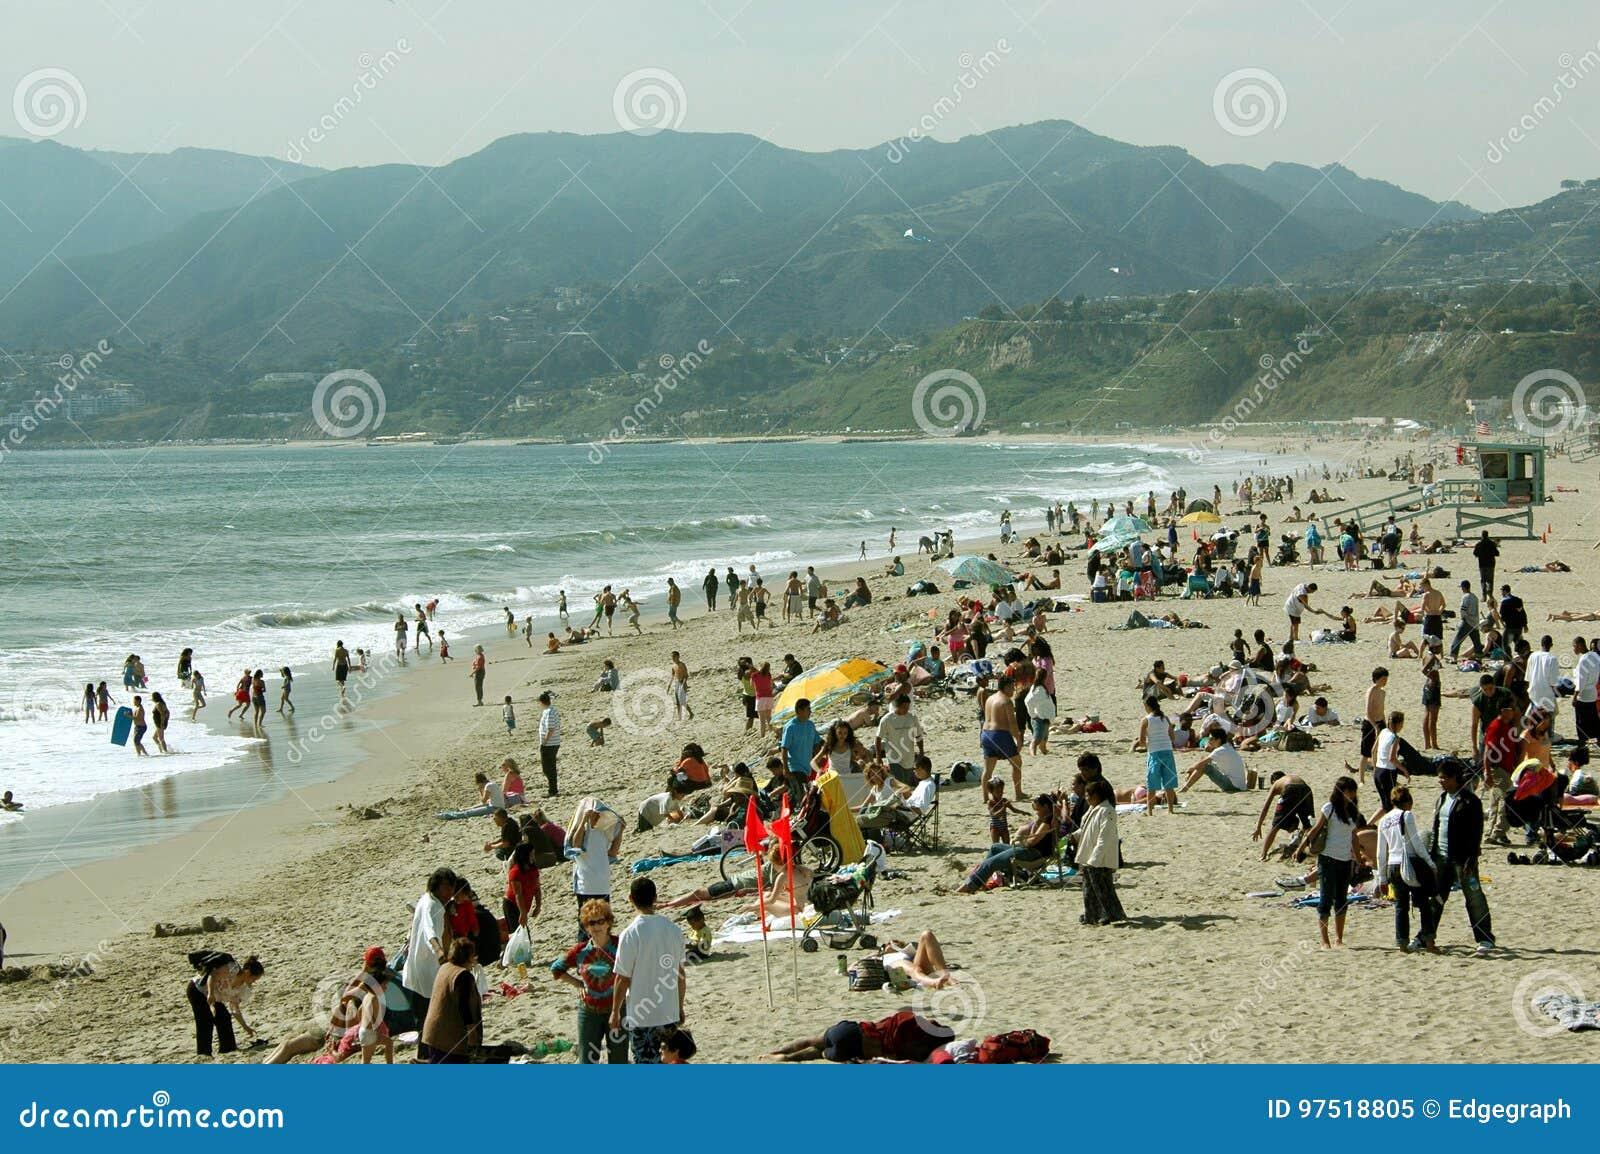 Πικ-νίκ στην παραλία, παραλία της Σάντα Μόνικα, Καλιφόρνια, ΗΠΑ